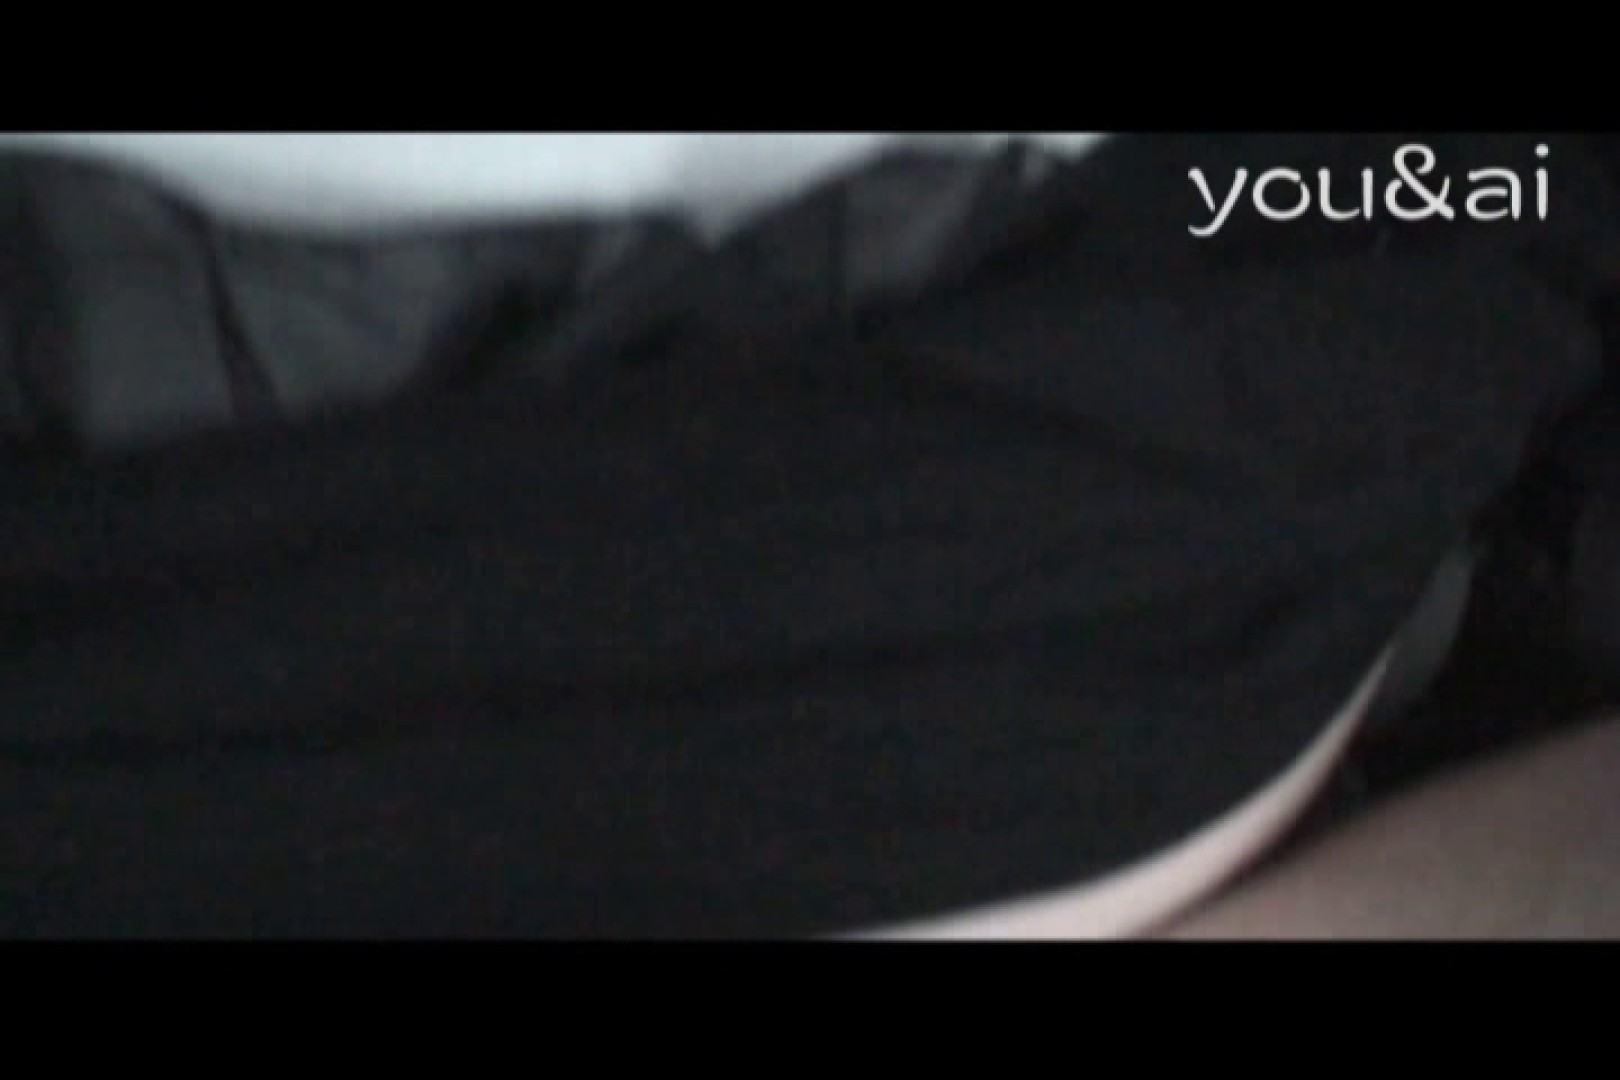 おしどり夫婦のyou&aiさん投稿作品vol.8 車 | 投稿  69連発 13